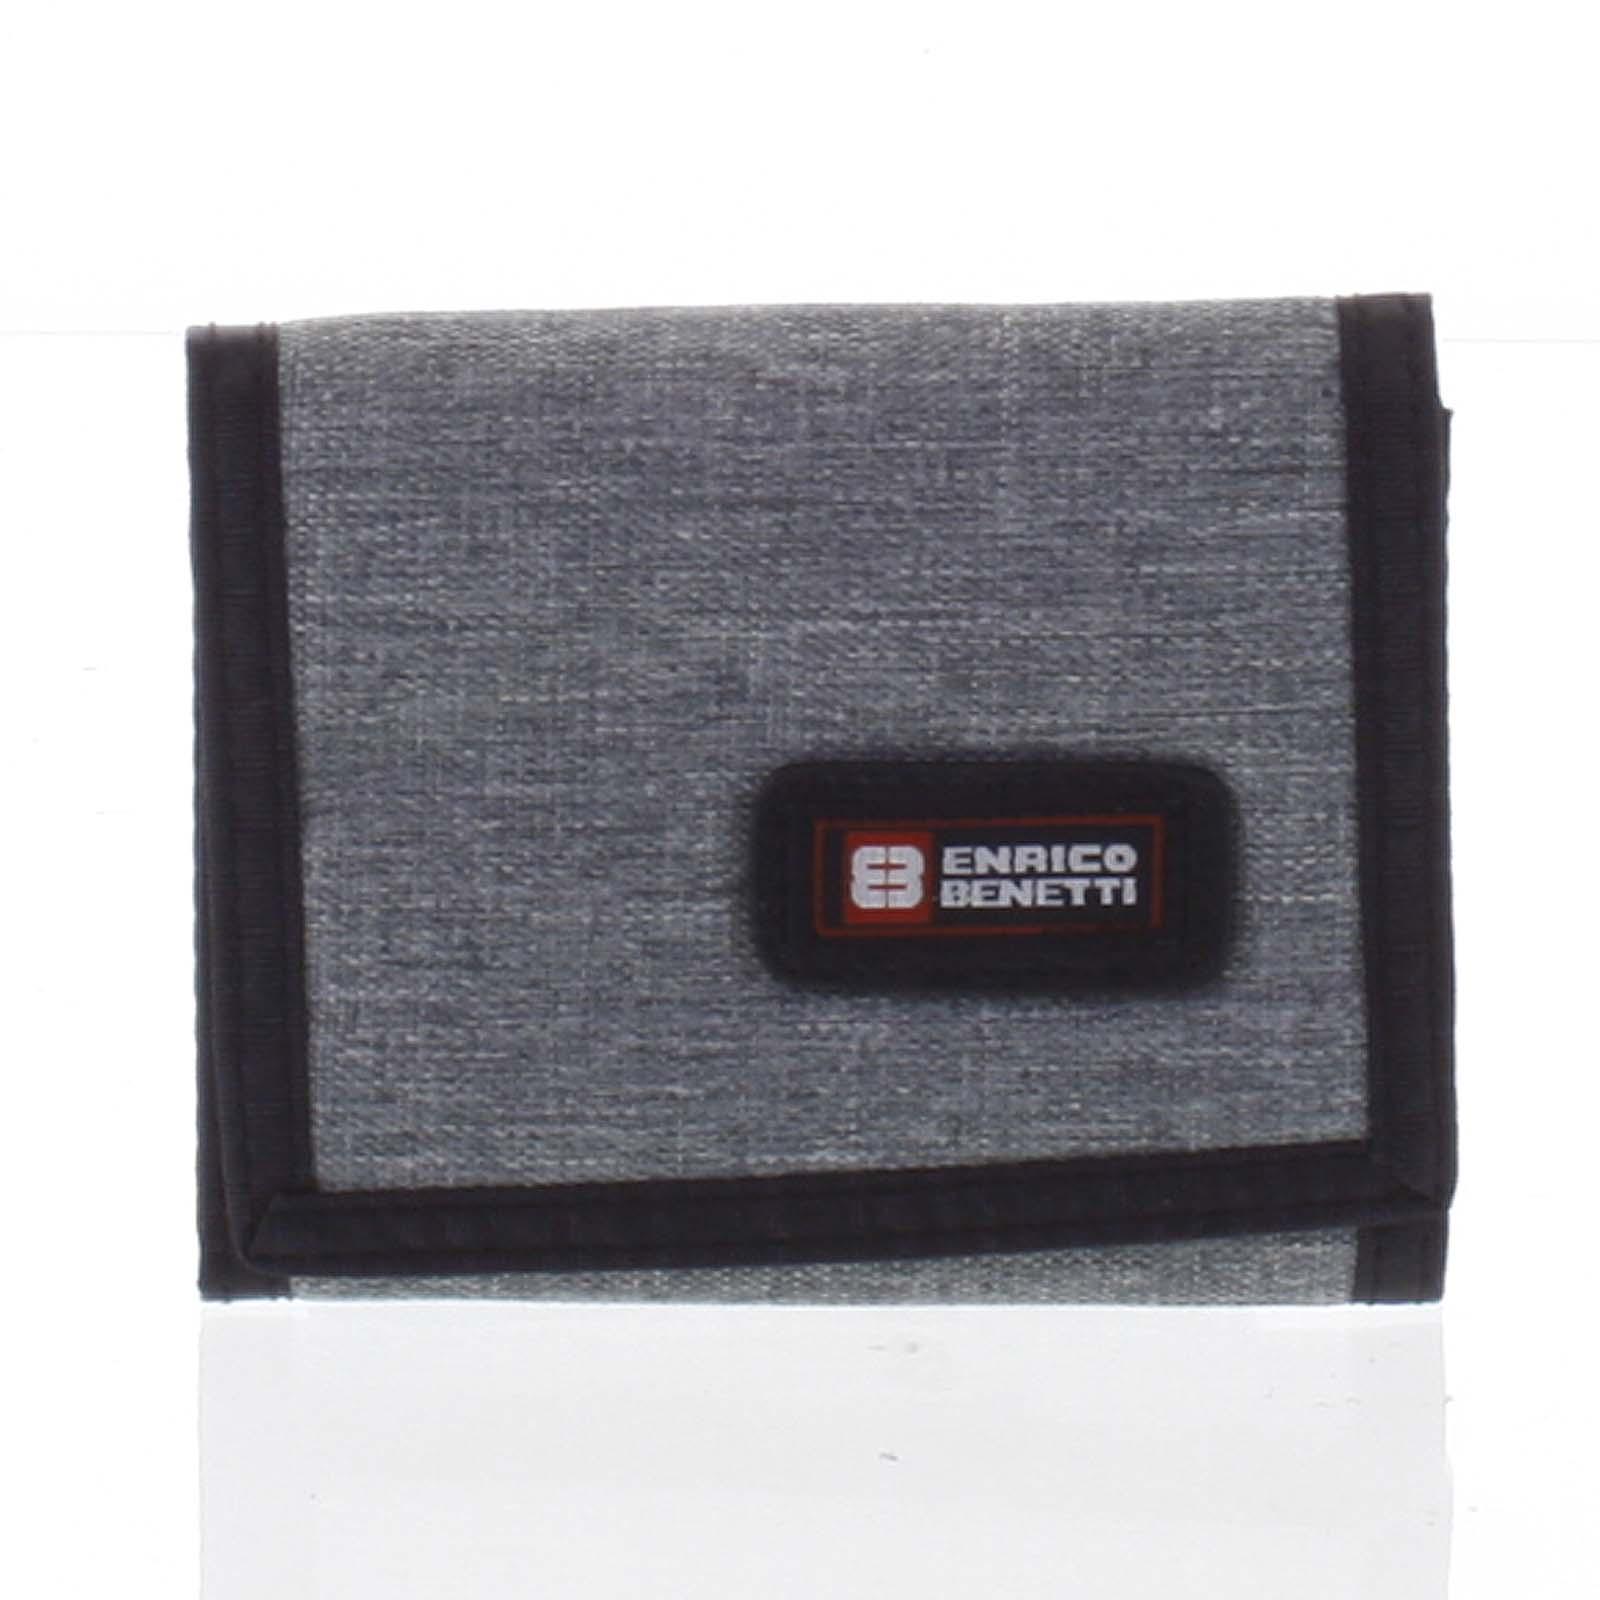 Peněženka látková světle šedá - Enrico Benetti 4600 šedá